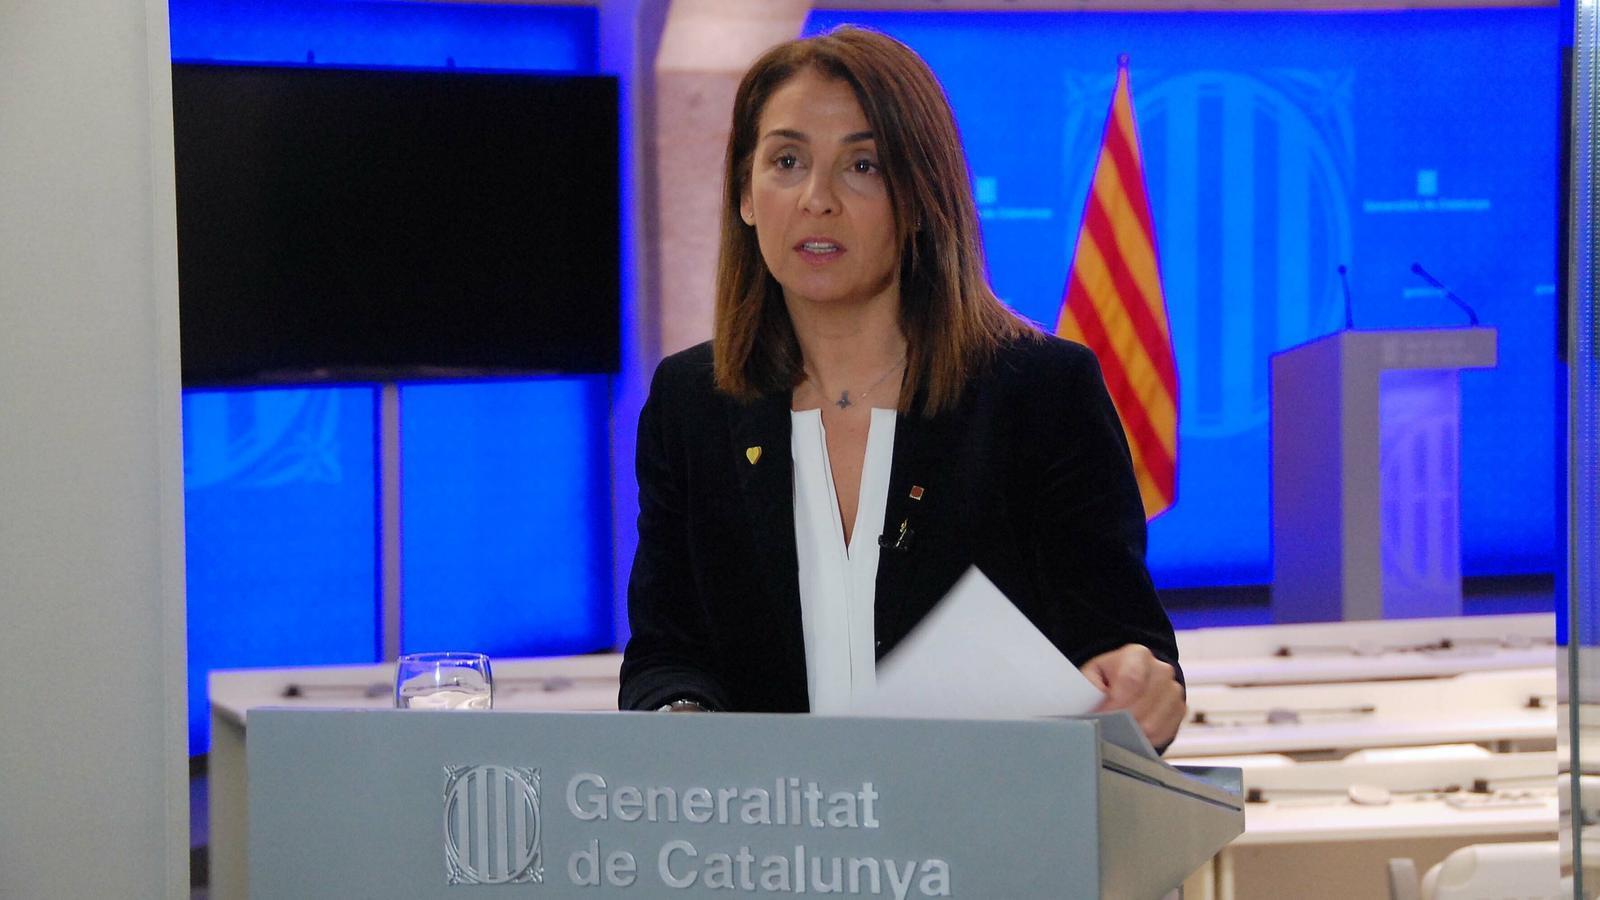 EN DIRECTE |  Budó compareix per explicar els acords de Govern després del consell executiu d'aquest dimarts